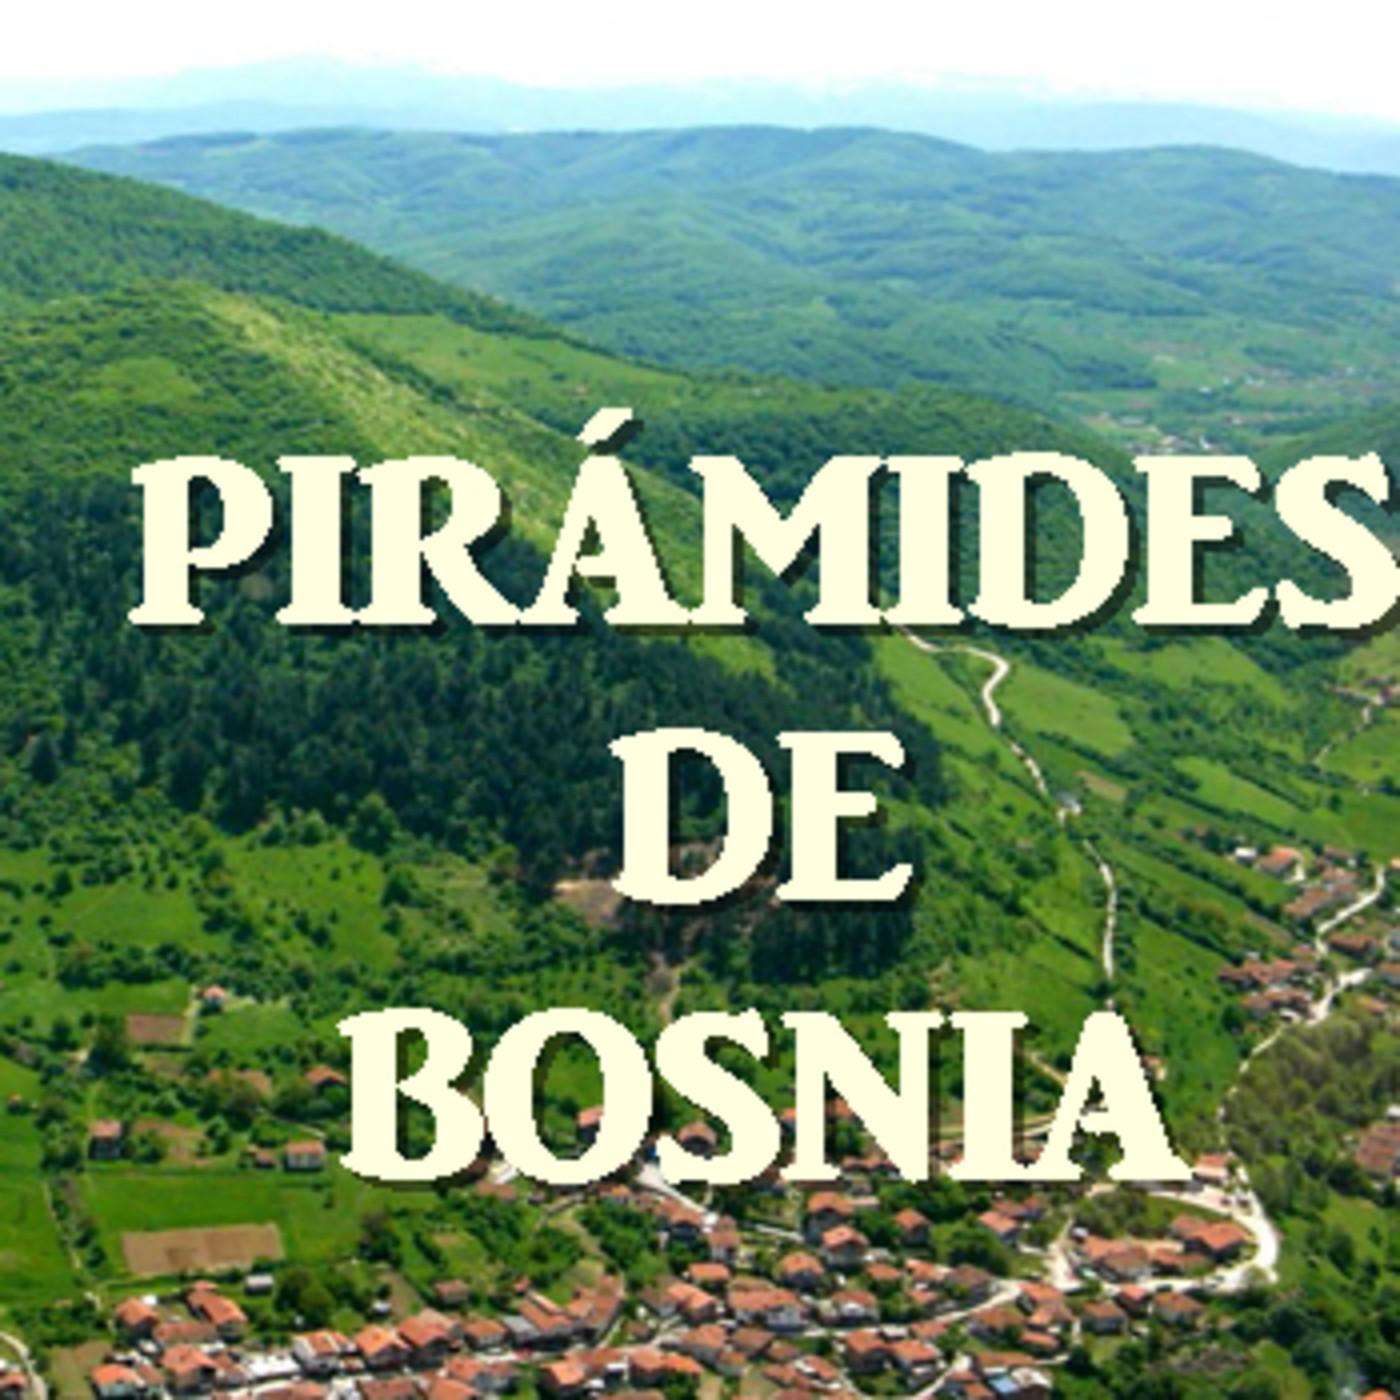 Esradio: Piramides de Bosnia en Luis Tobajas: Descubriendo Mundos ...